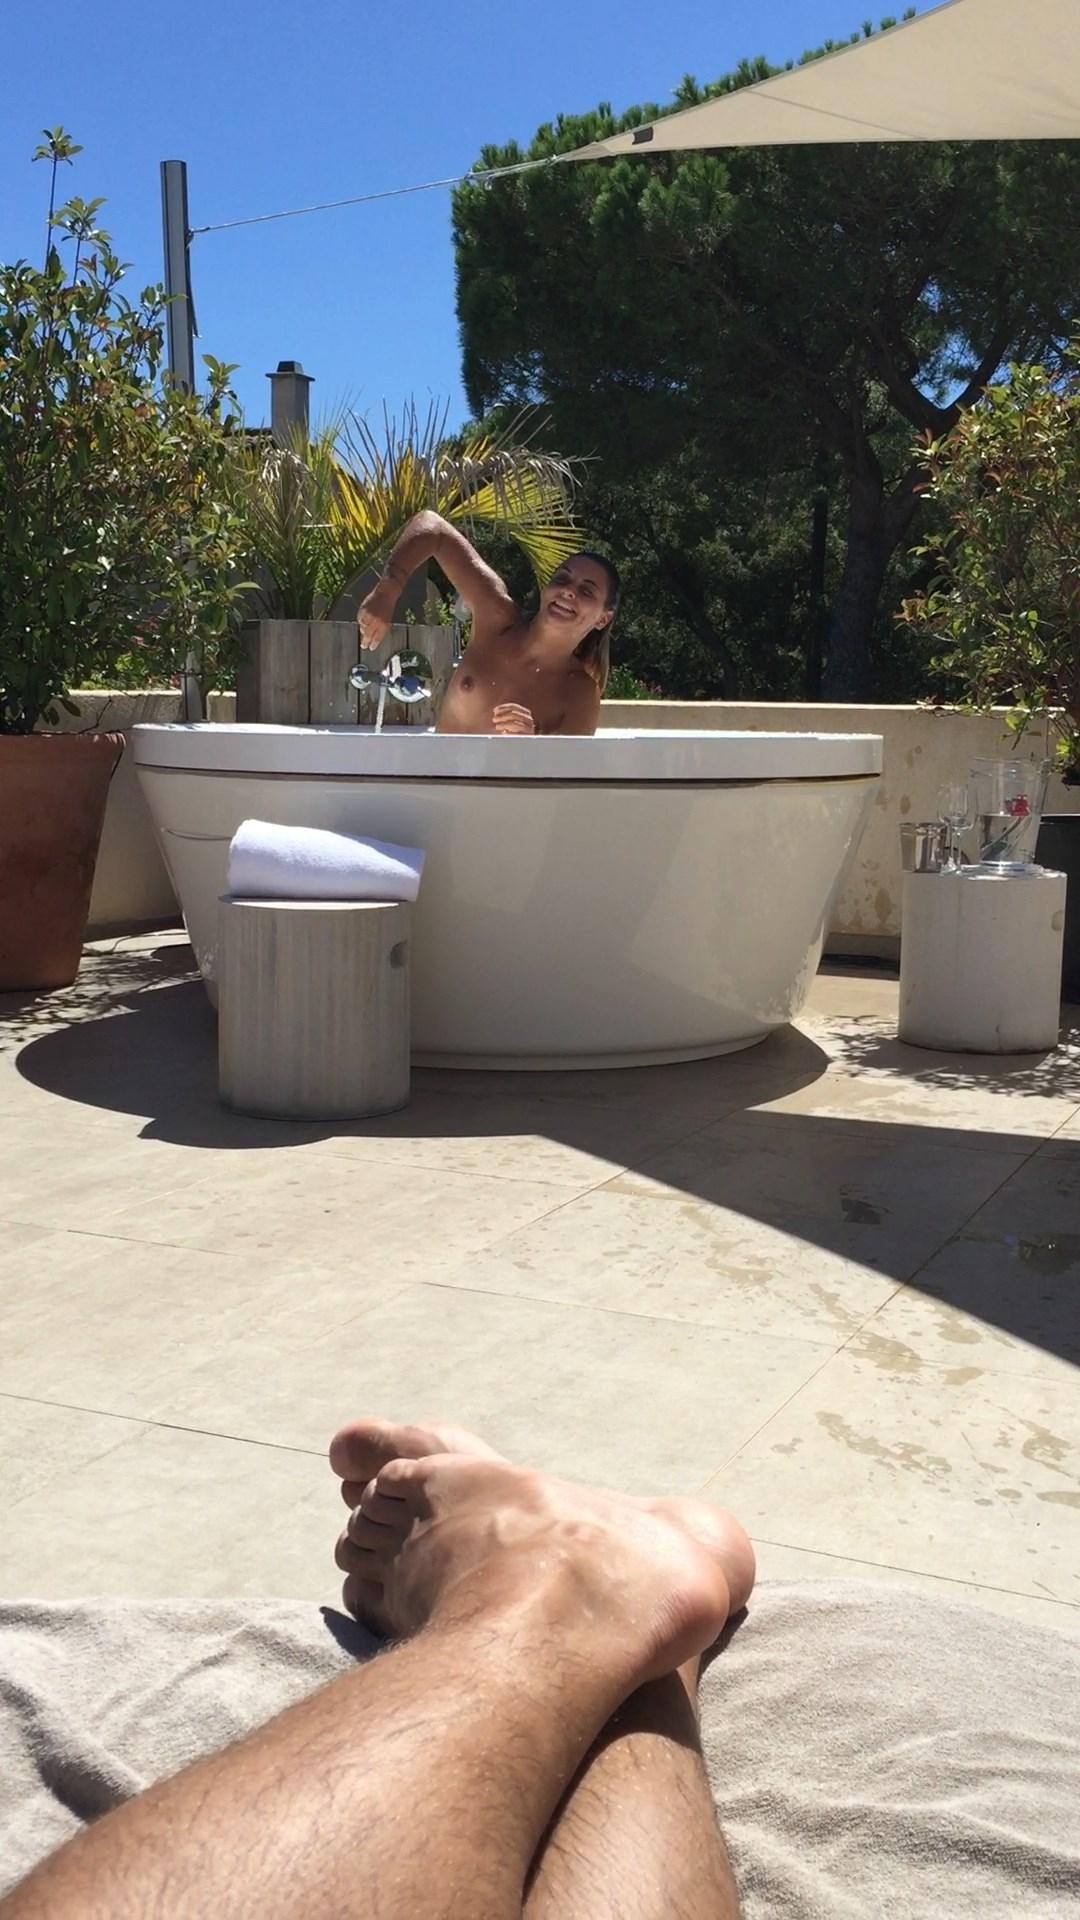 Priscilla Betti Nude Leaked The Fappening 0028